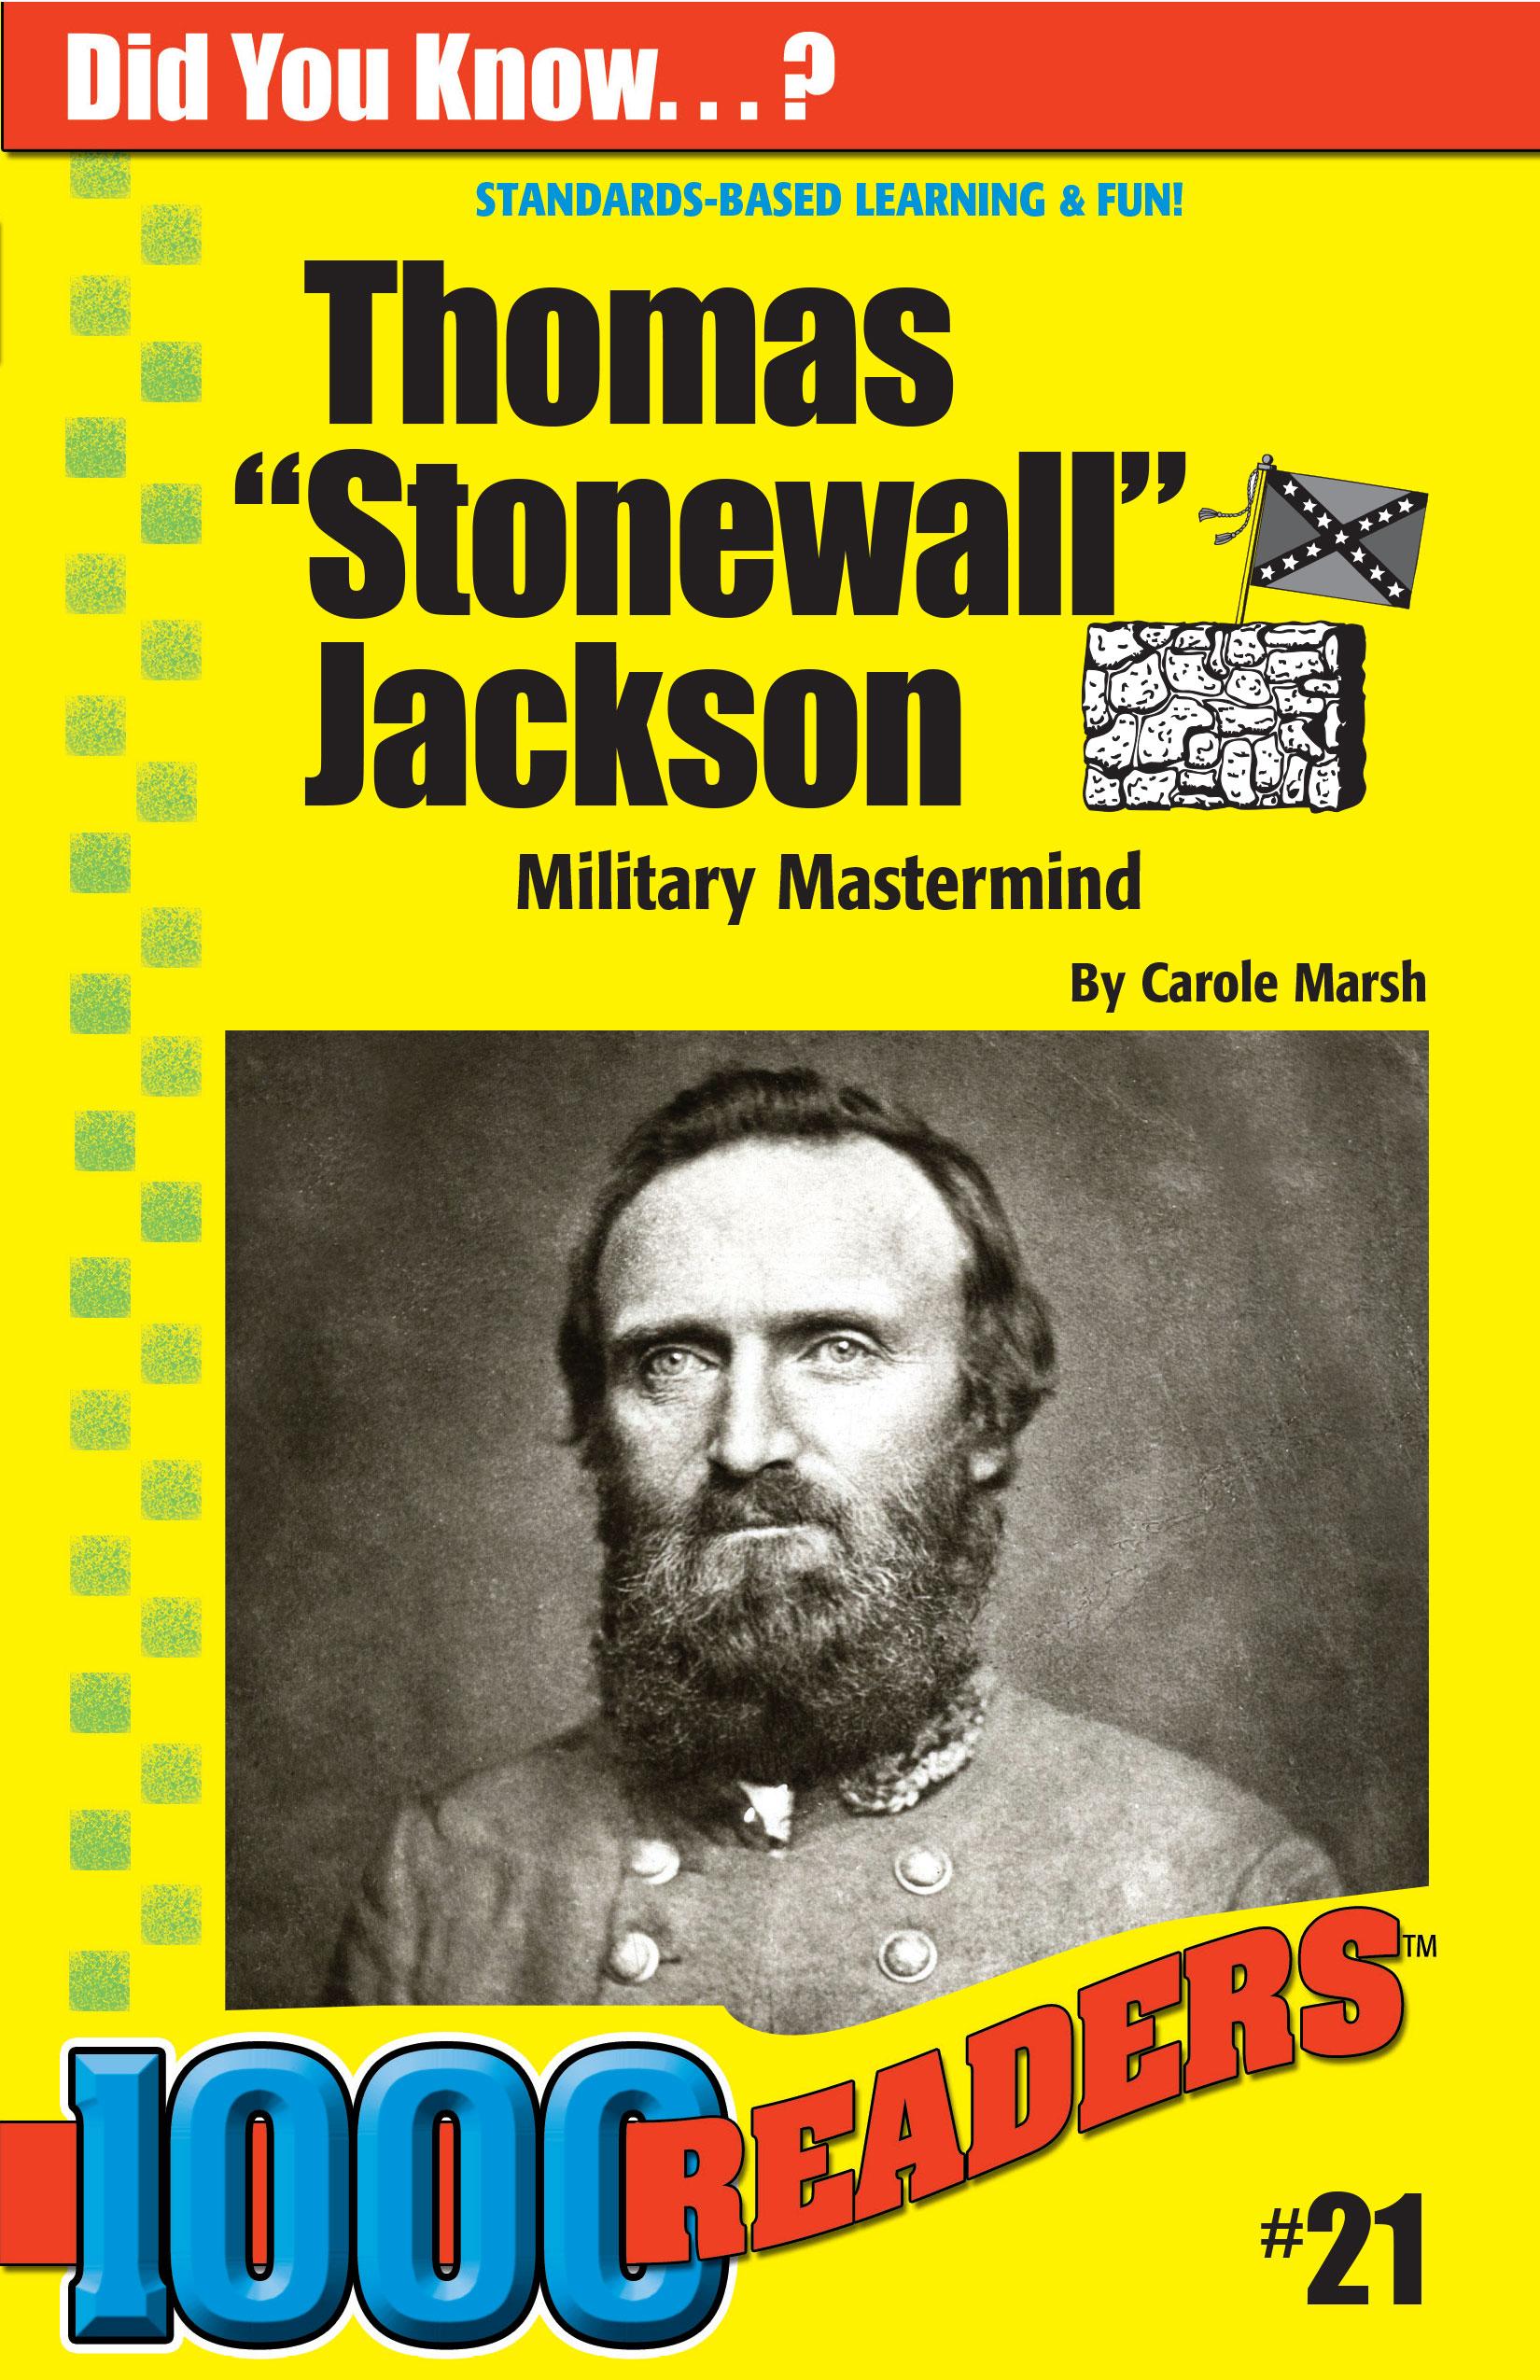 Thomas 'Stonewall' Jackson: Military Mastermind